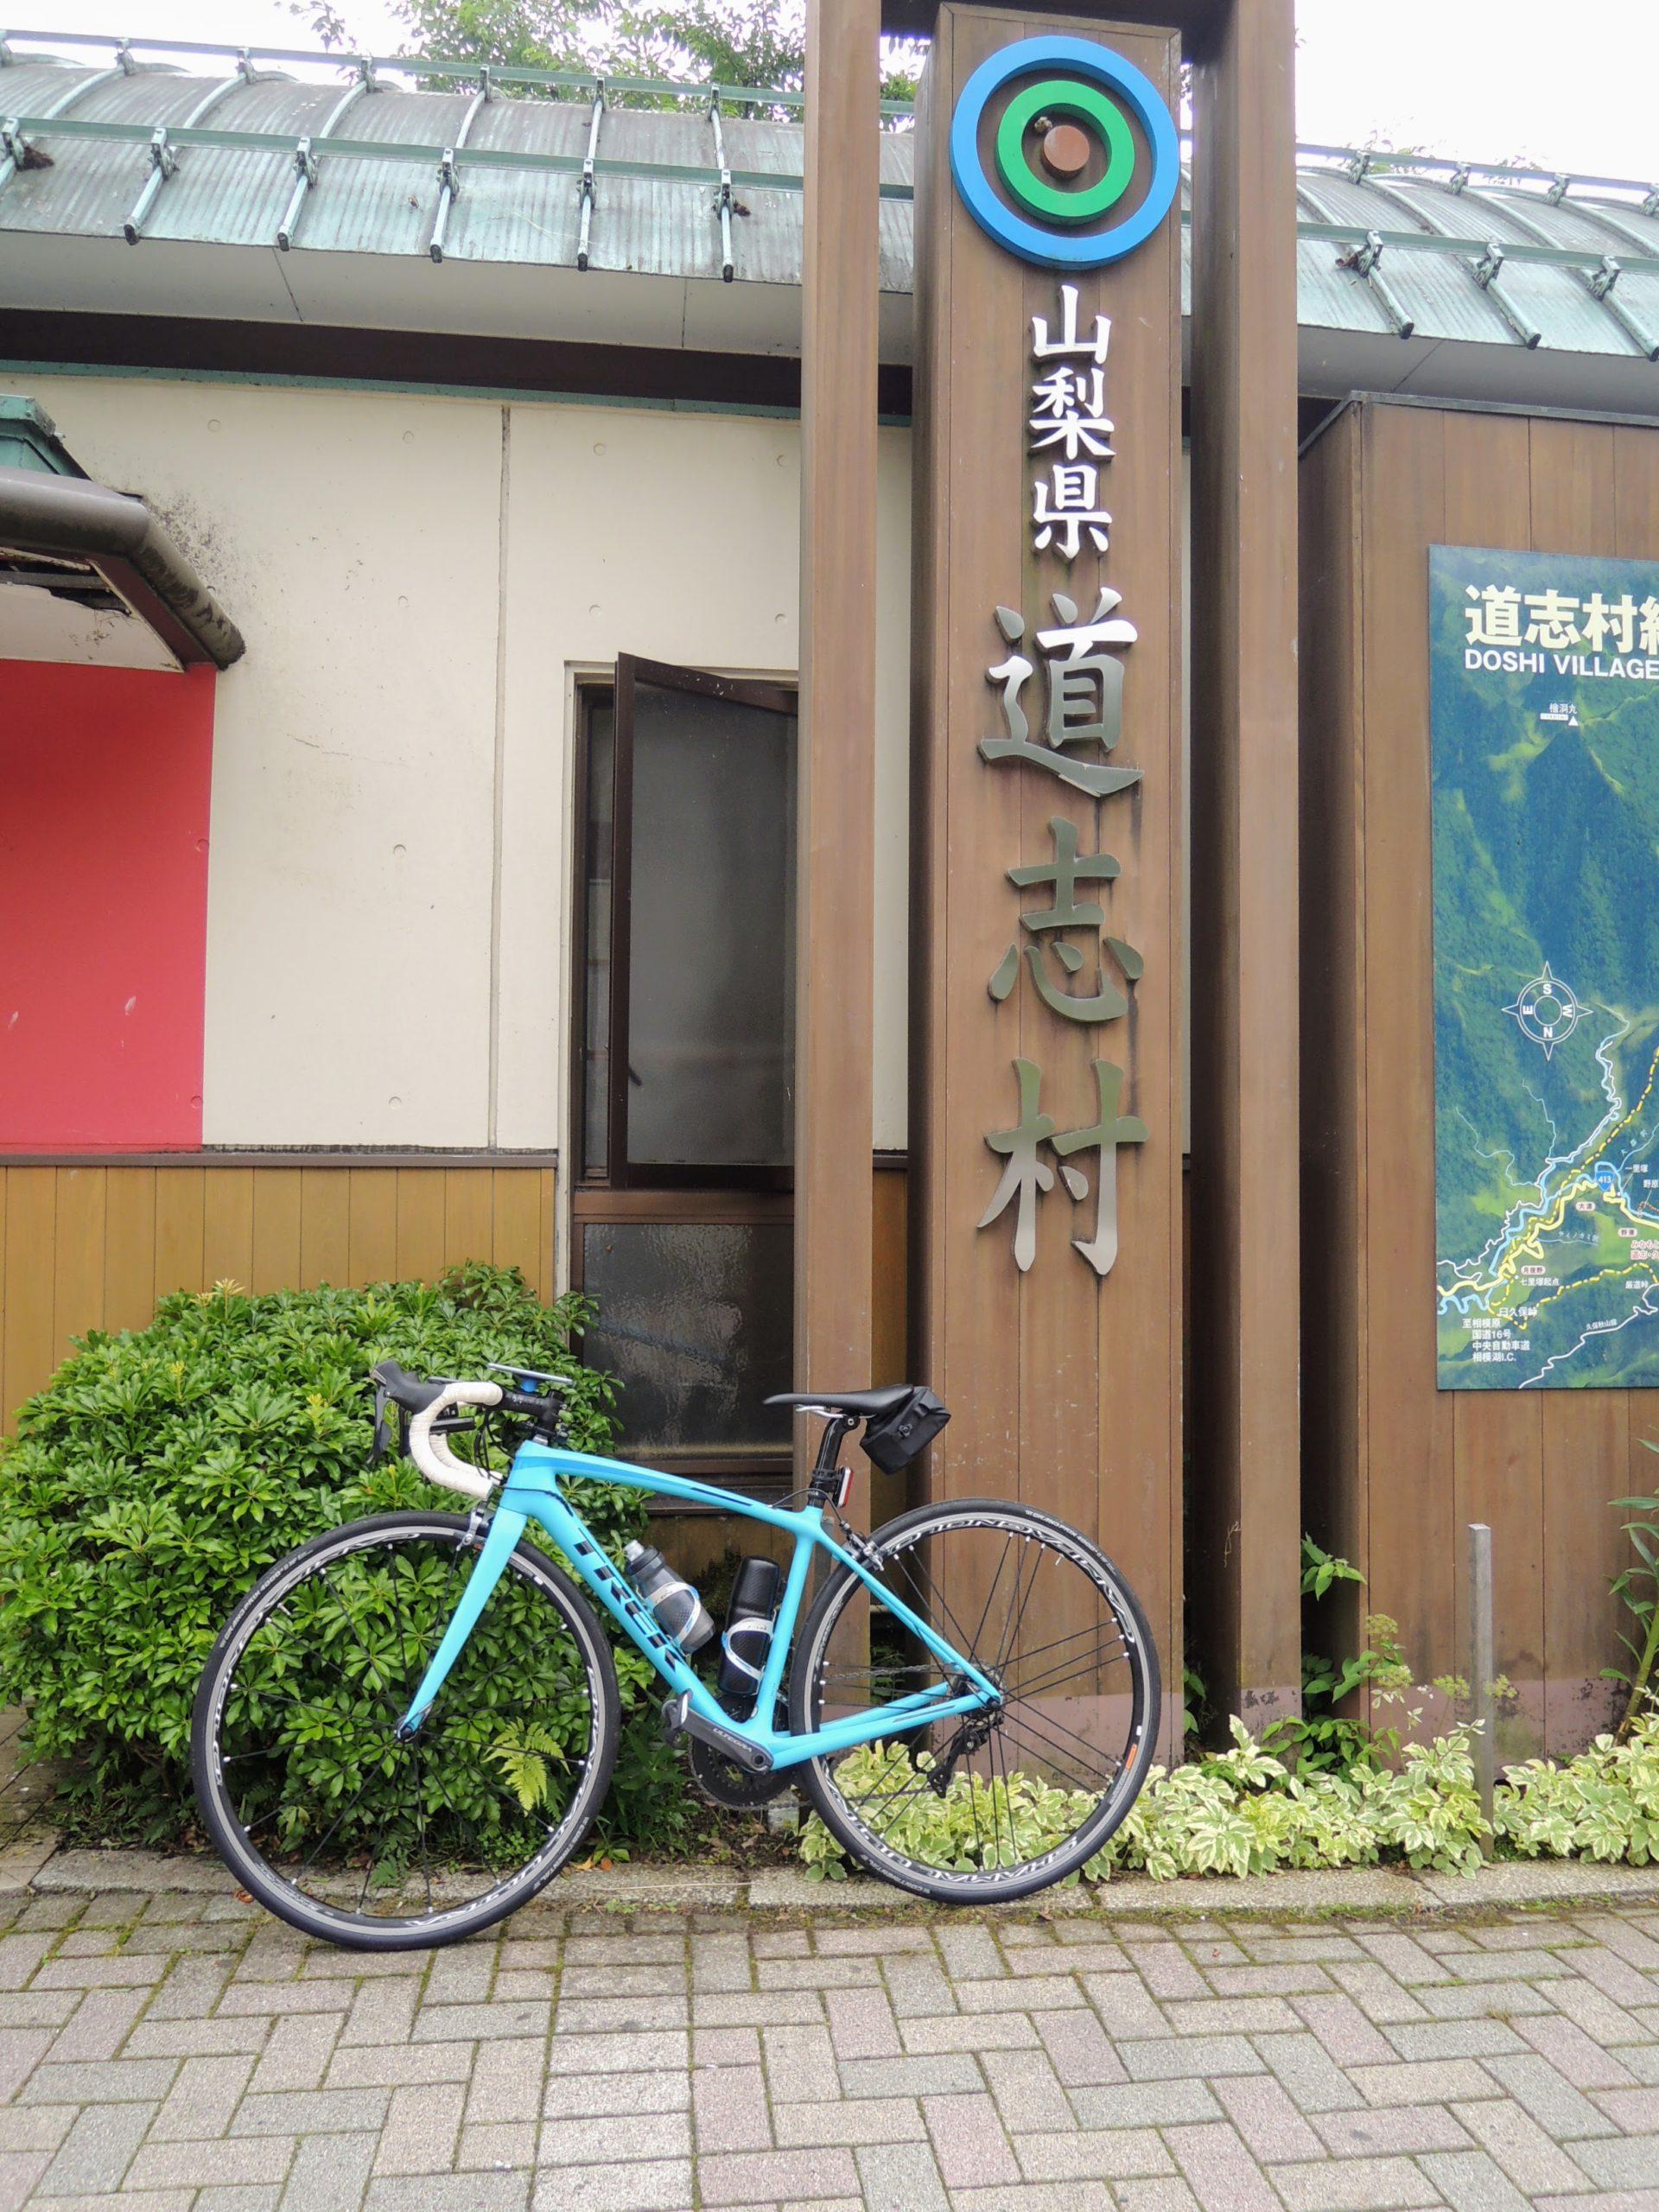 越境して山梨件、道志村へ